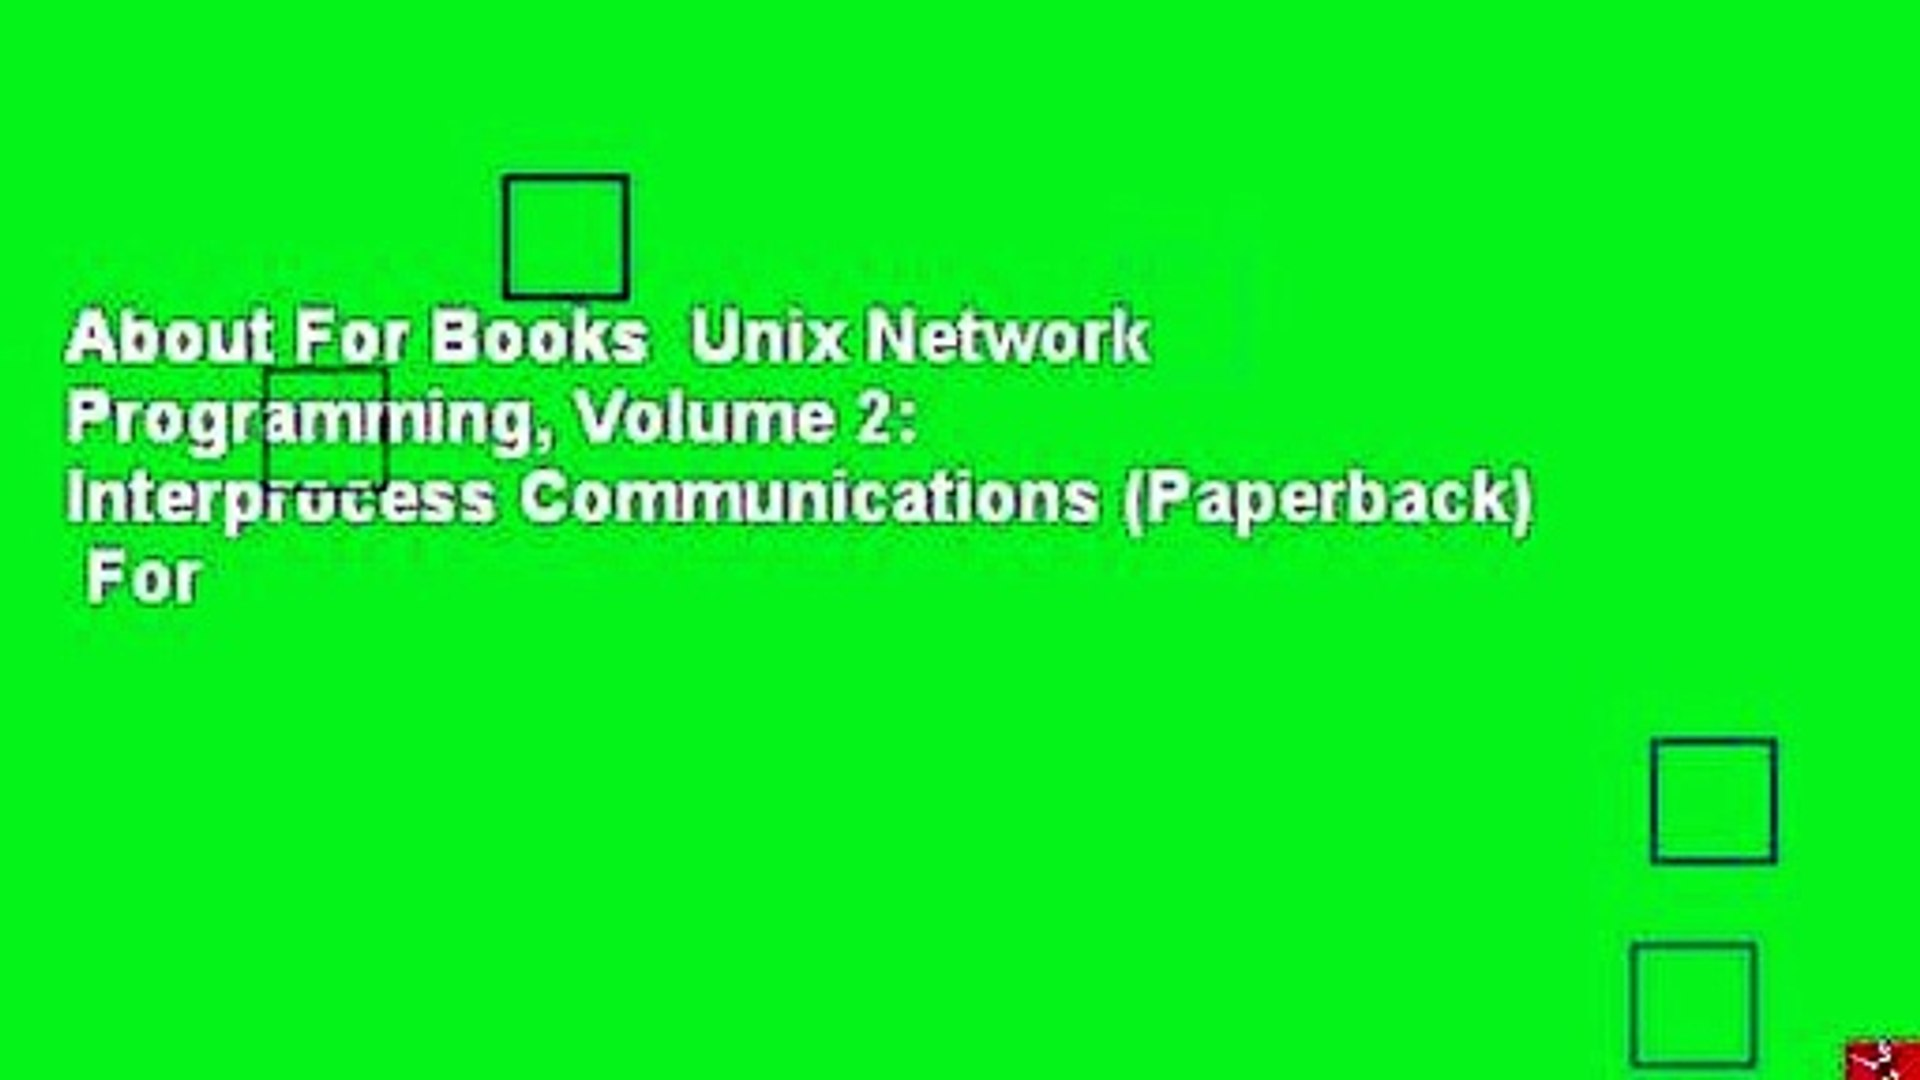 Volume 2 Unix Network Programming Interprocess Communications